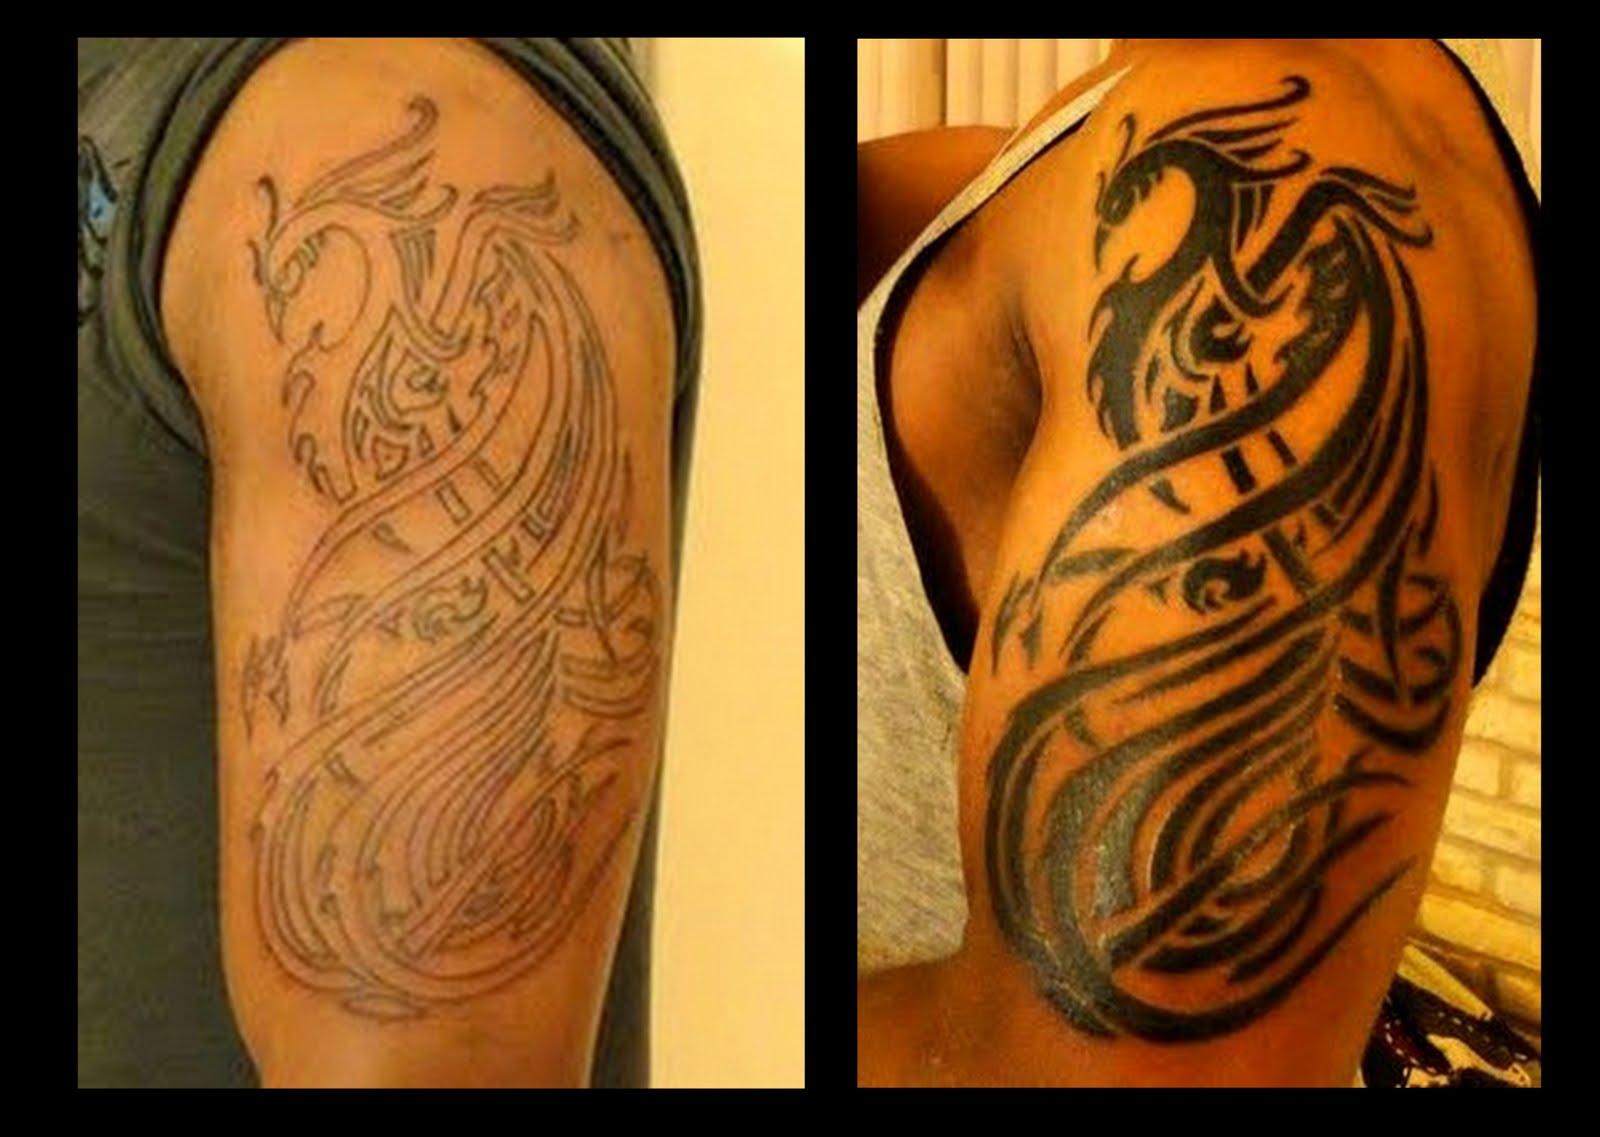 Villa s tatoo fenix tribal for Fenix tribal tattoo